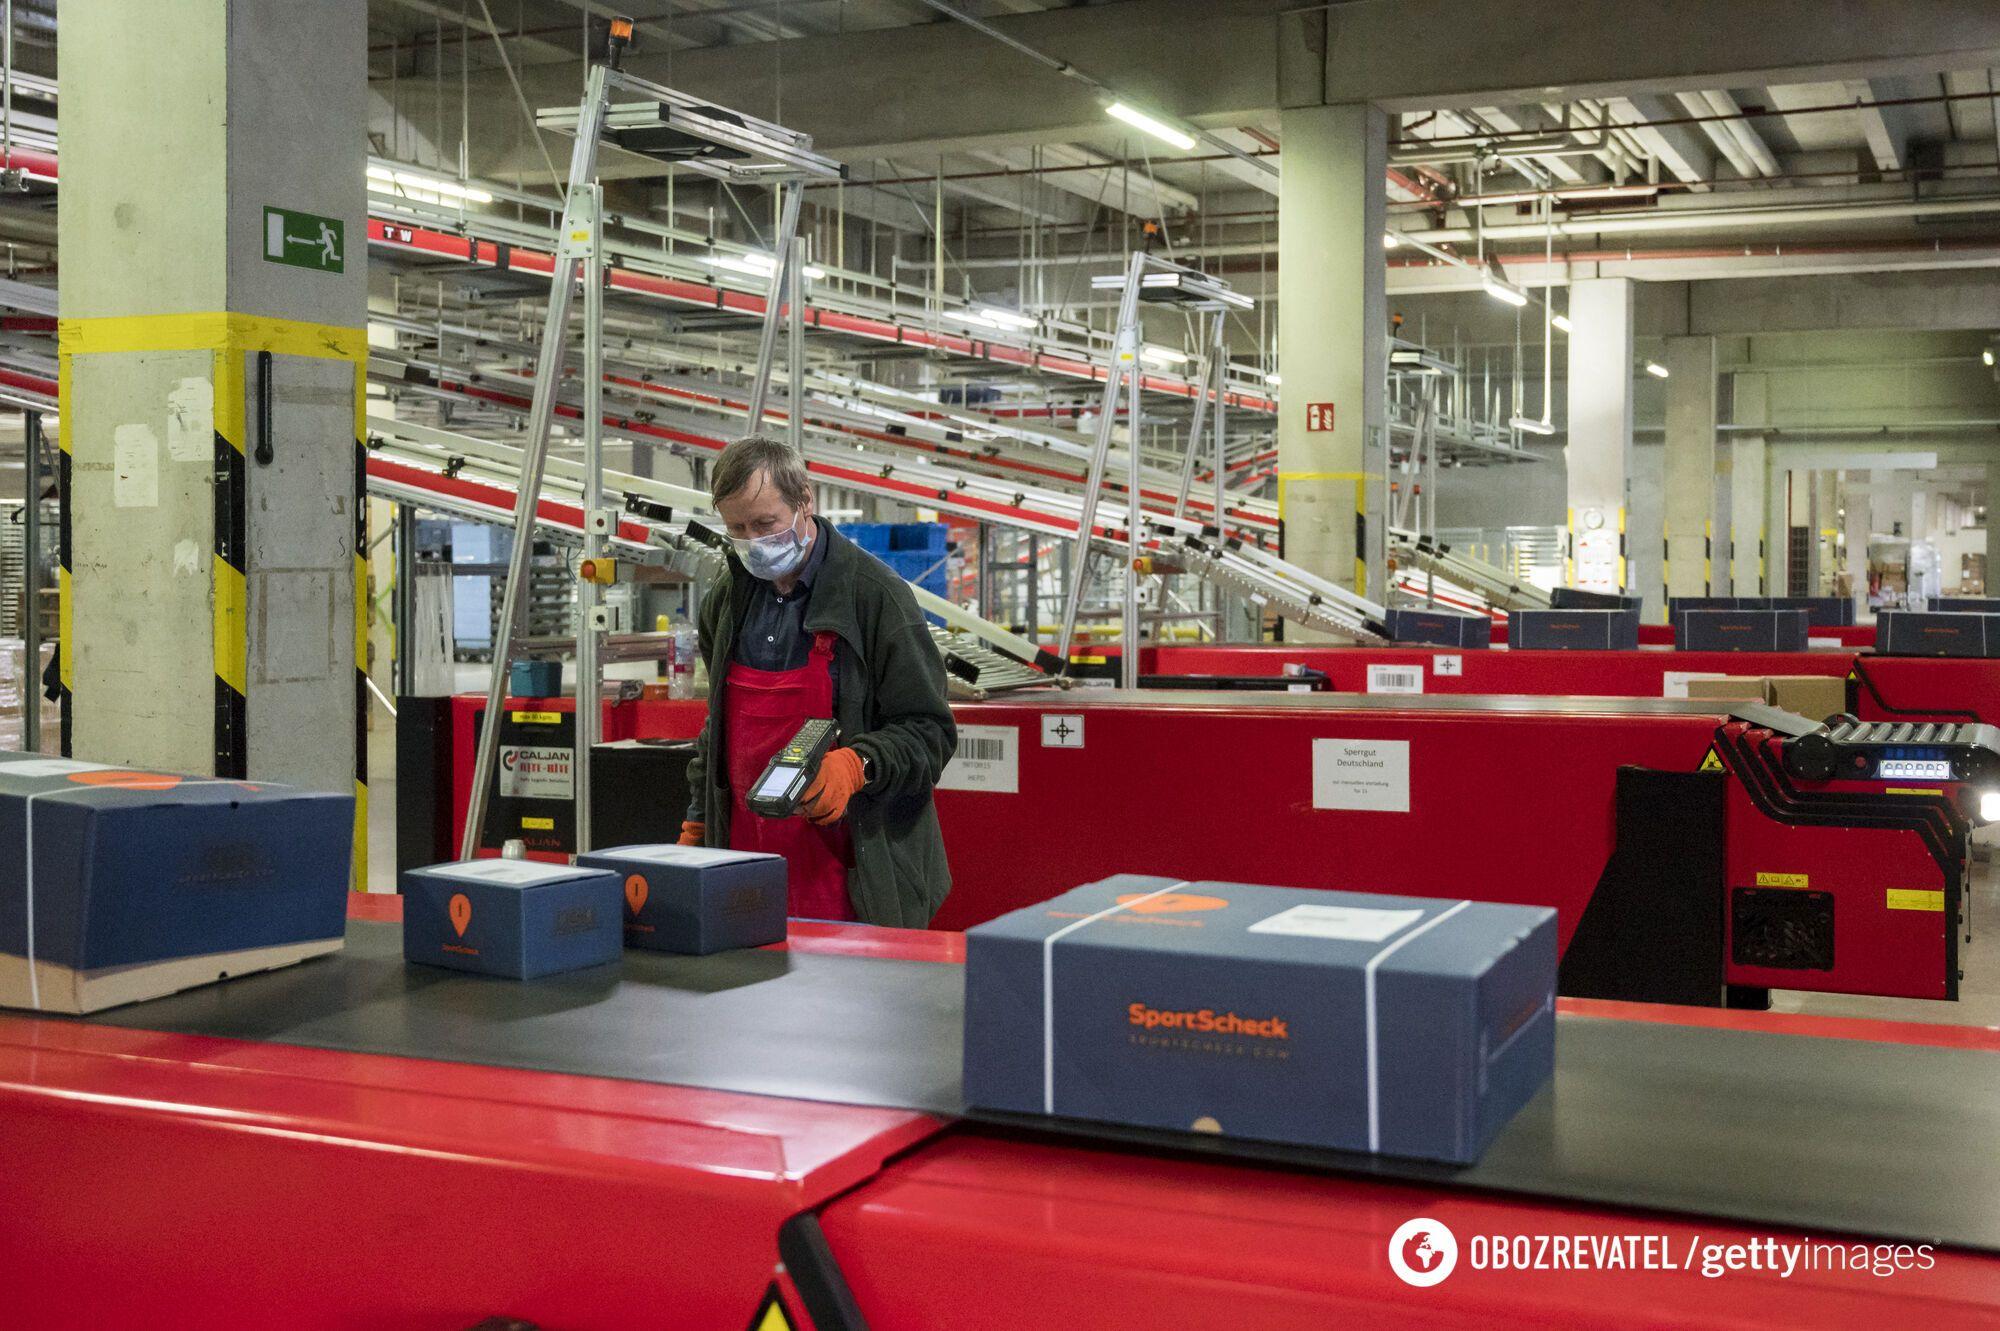 Для тех, кто остался в Польше, предлагают работу на складах и конвейере